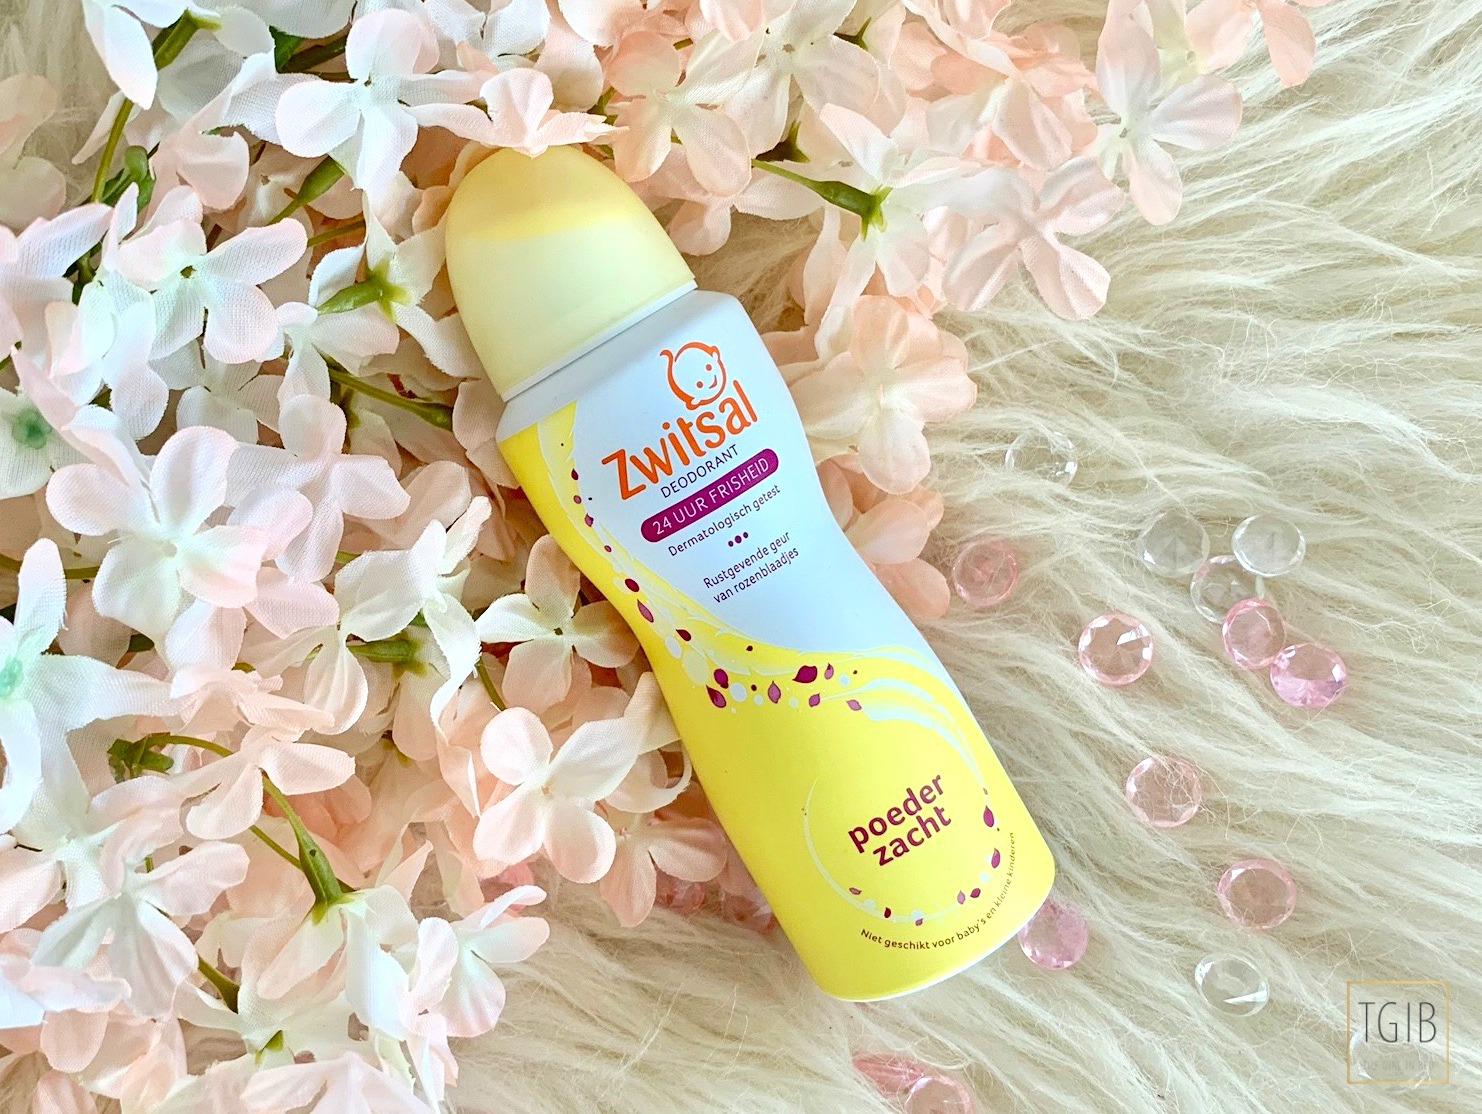 eerste indruk Zwitsal deodorant poederzacht review